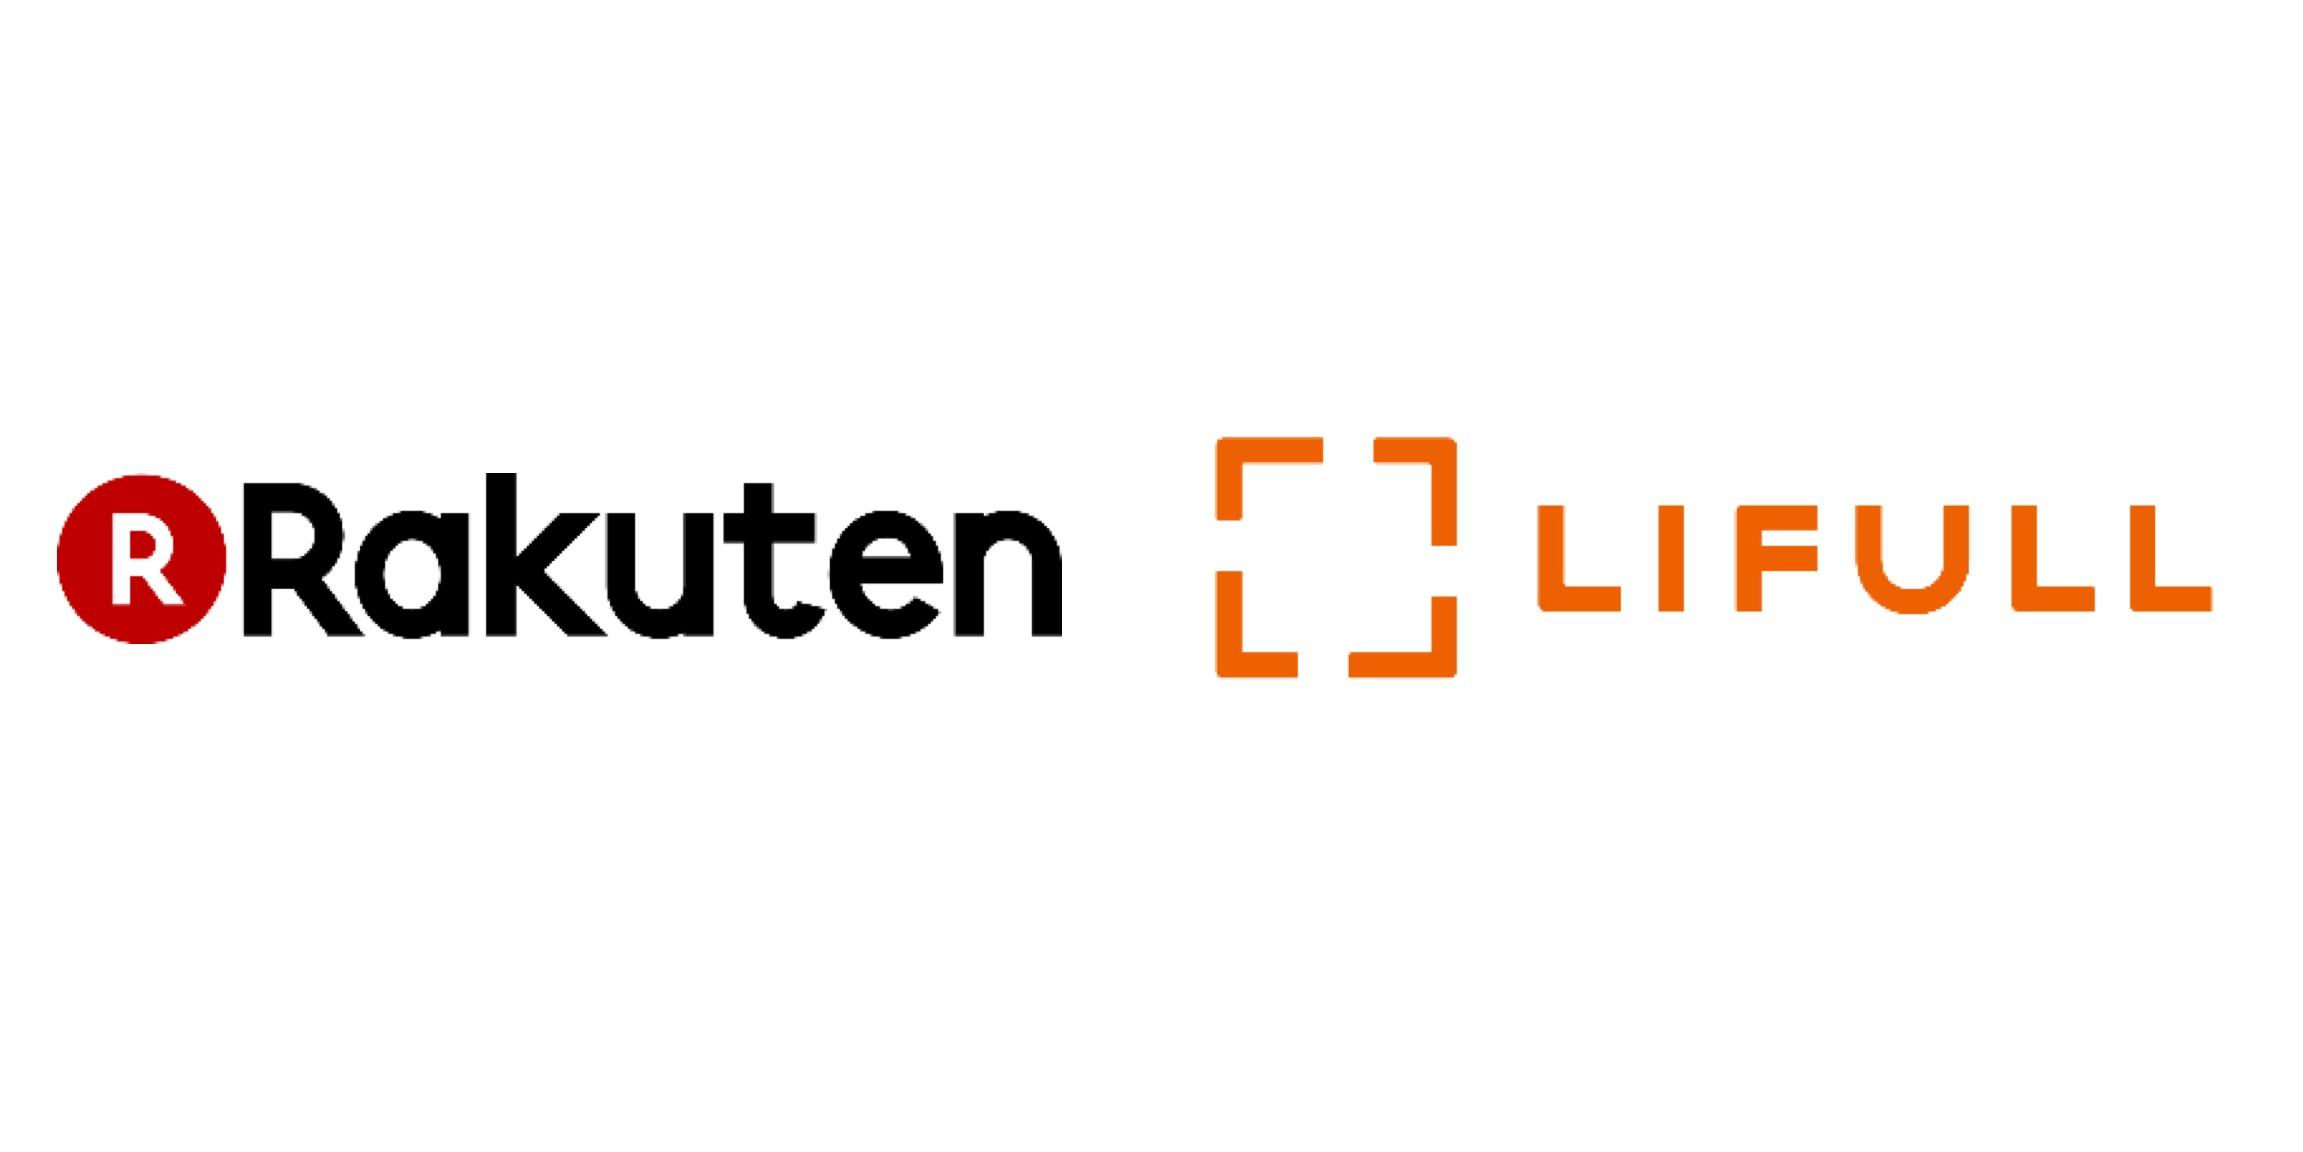 楽天LIFULL STAY株式会社 | LinkedIn